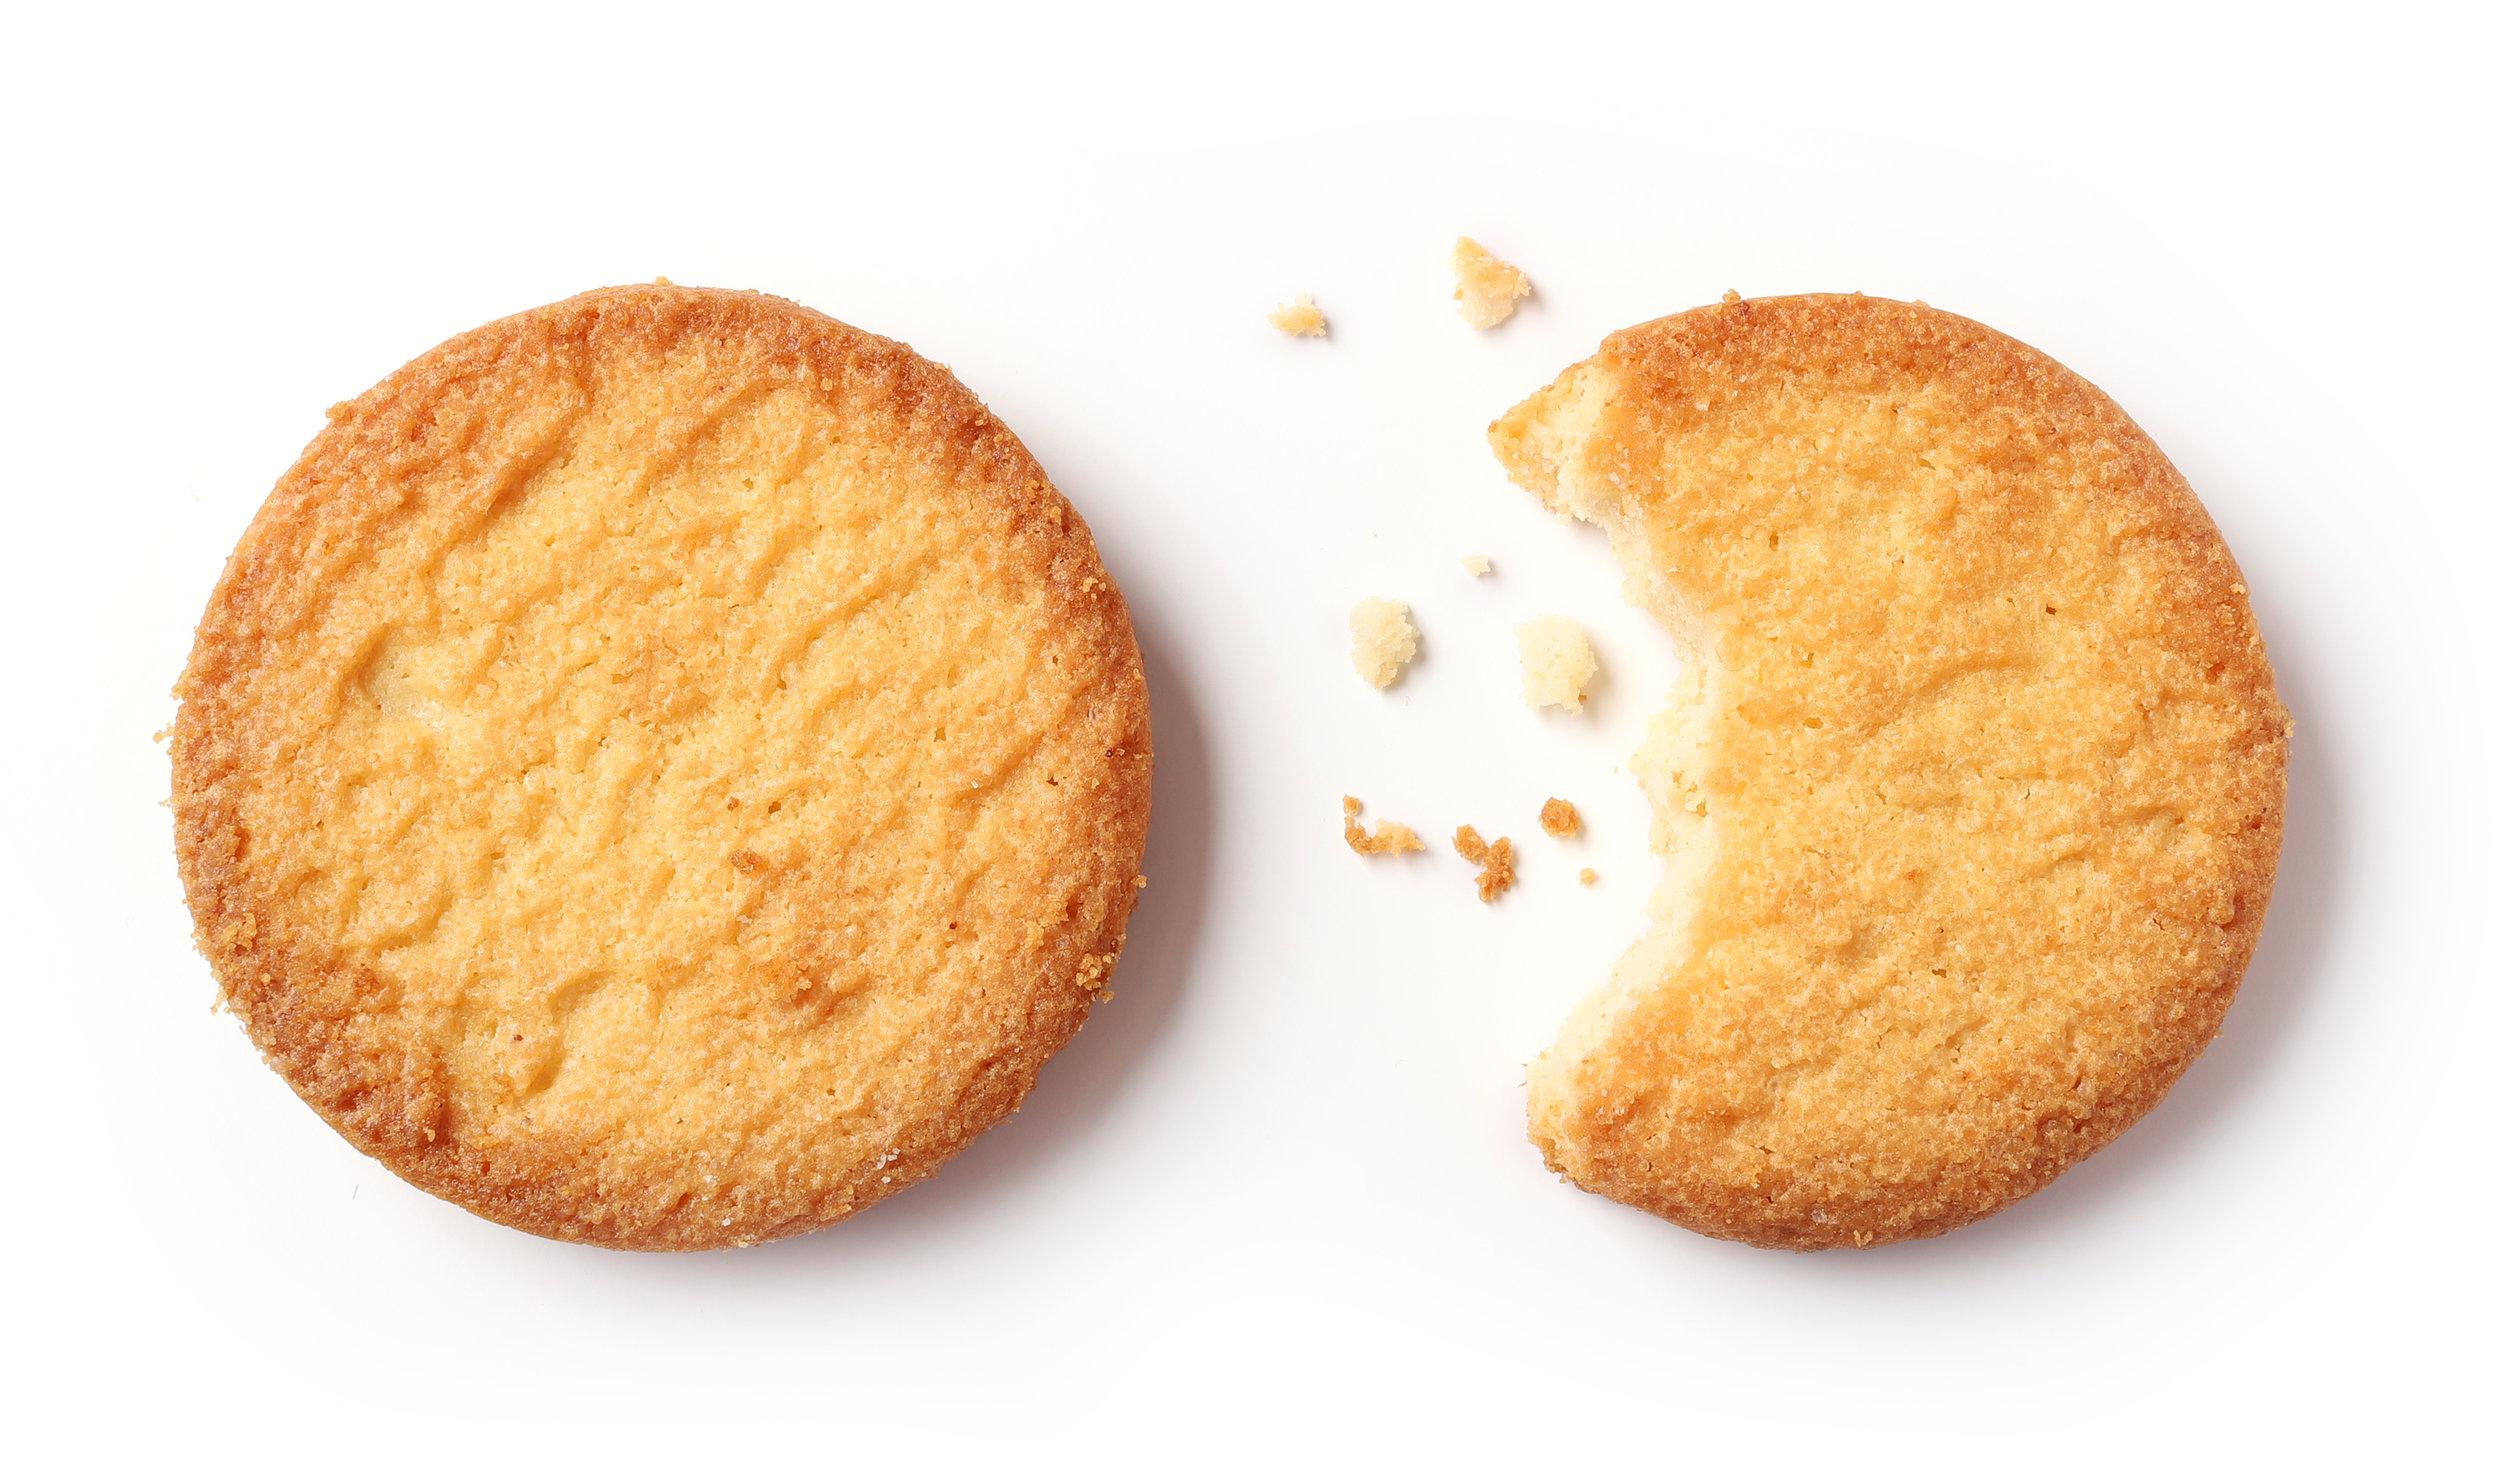 2 biscuits, one bitten.jpg